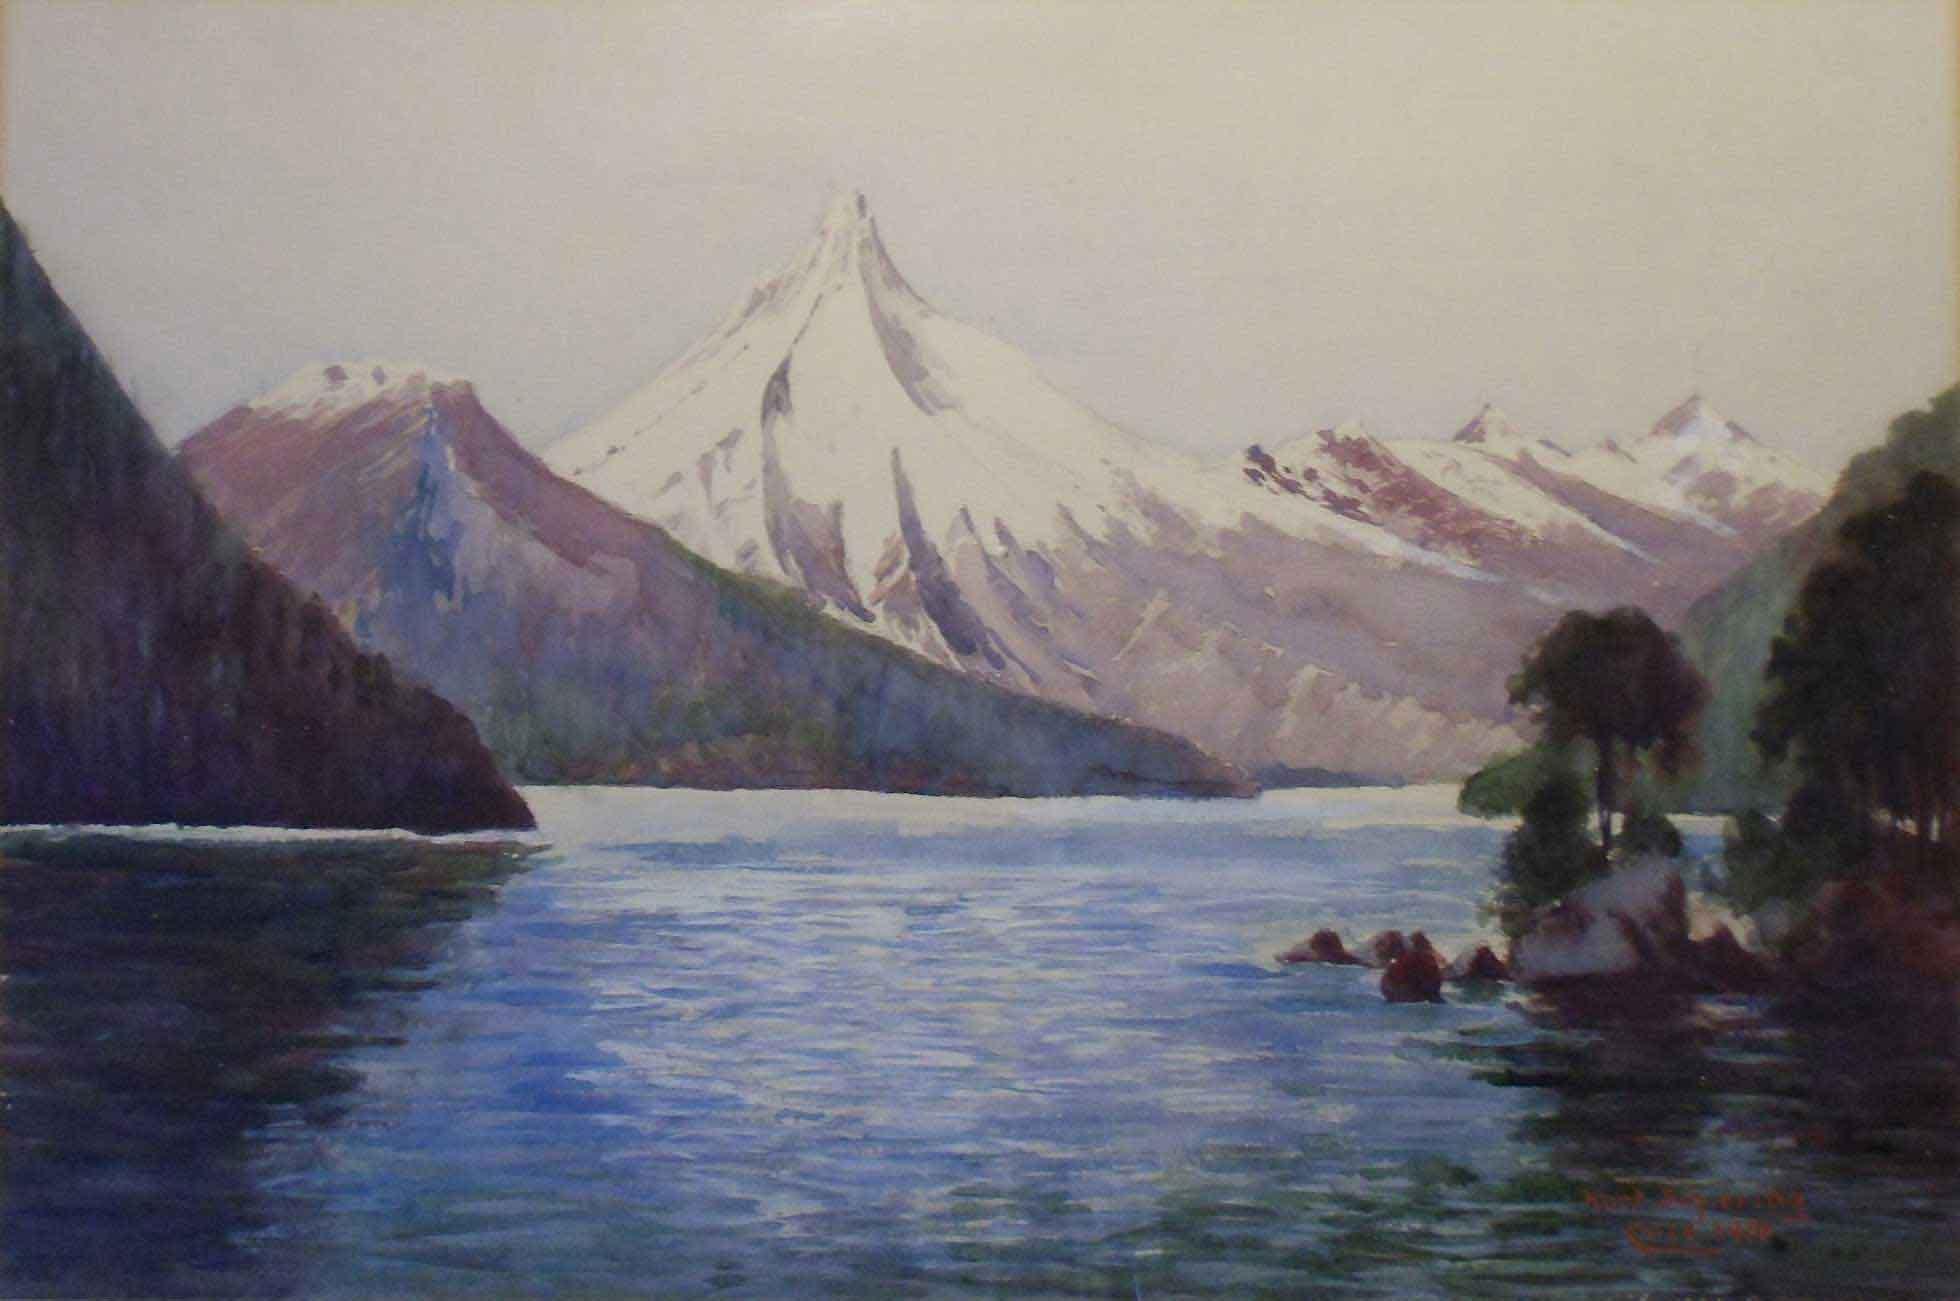 Puntiagudo, Lago Todos los Santos, Chile, by German artist Kurt Schiering